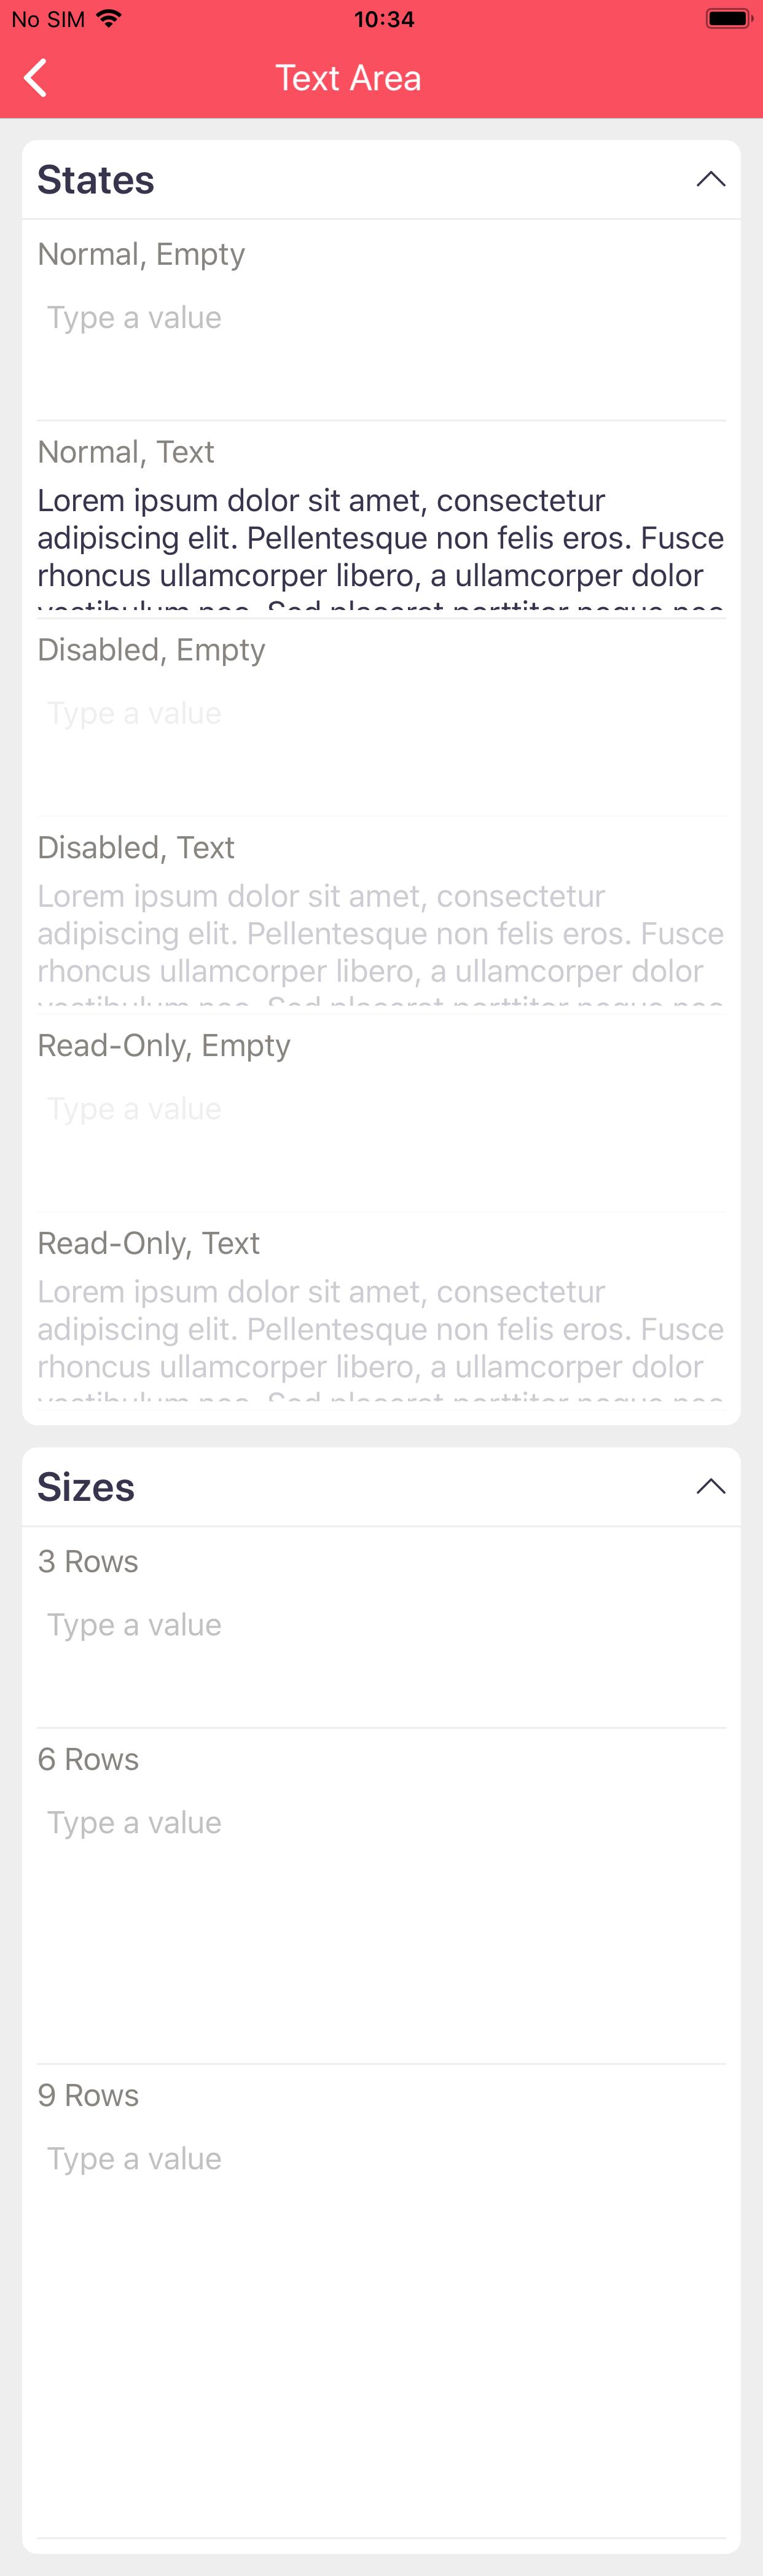 Text Area on iOS